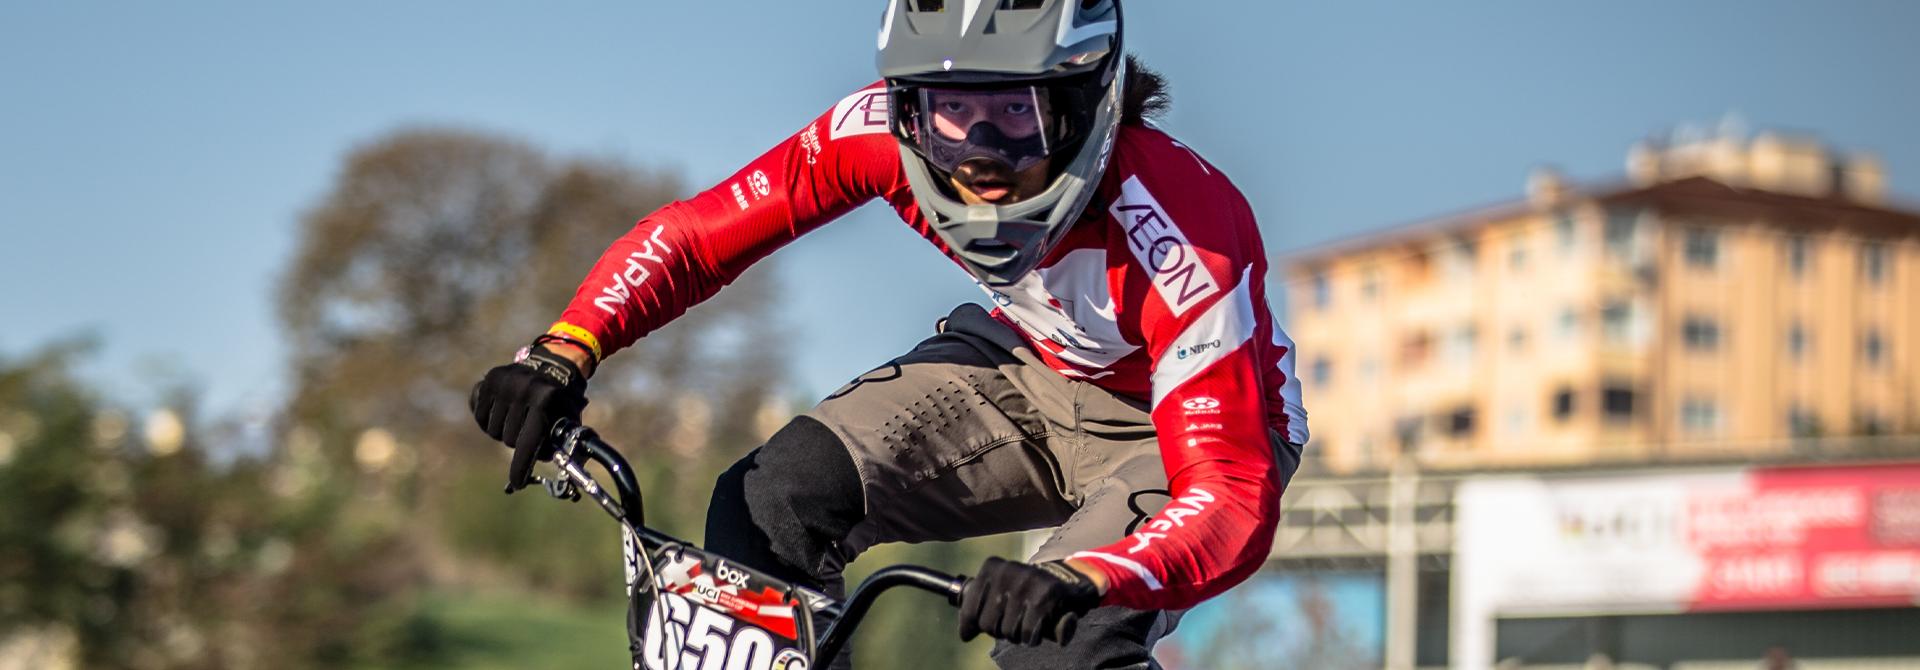 BMX | 日本自転車競技連盟 WEB S...